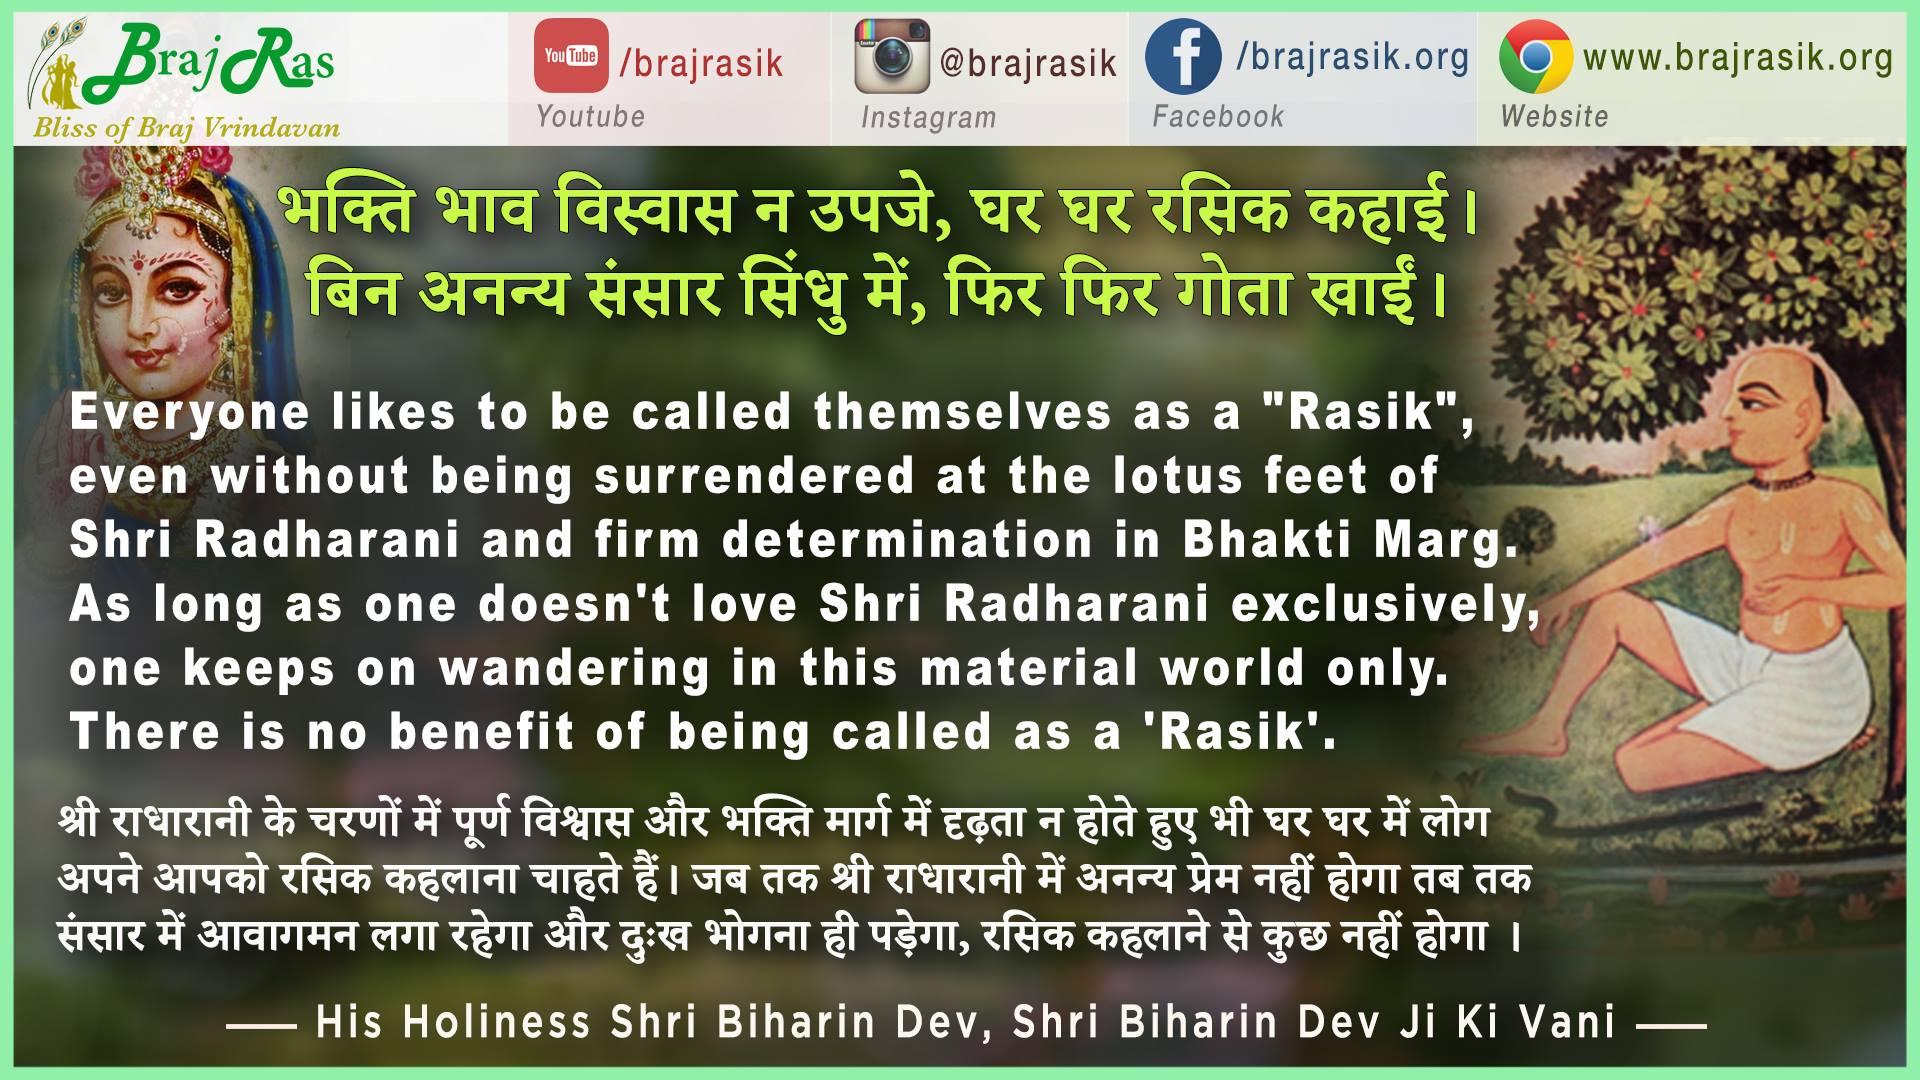 Bhakti Bhav Visvas Na Upje, Ghar Ghar Rasik Kahai - Shri Biharin Dev Ji